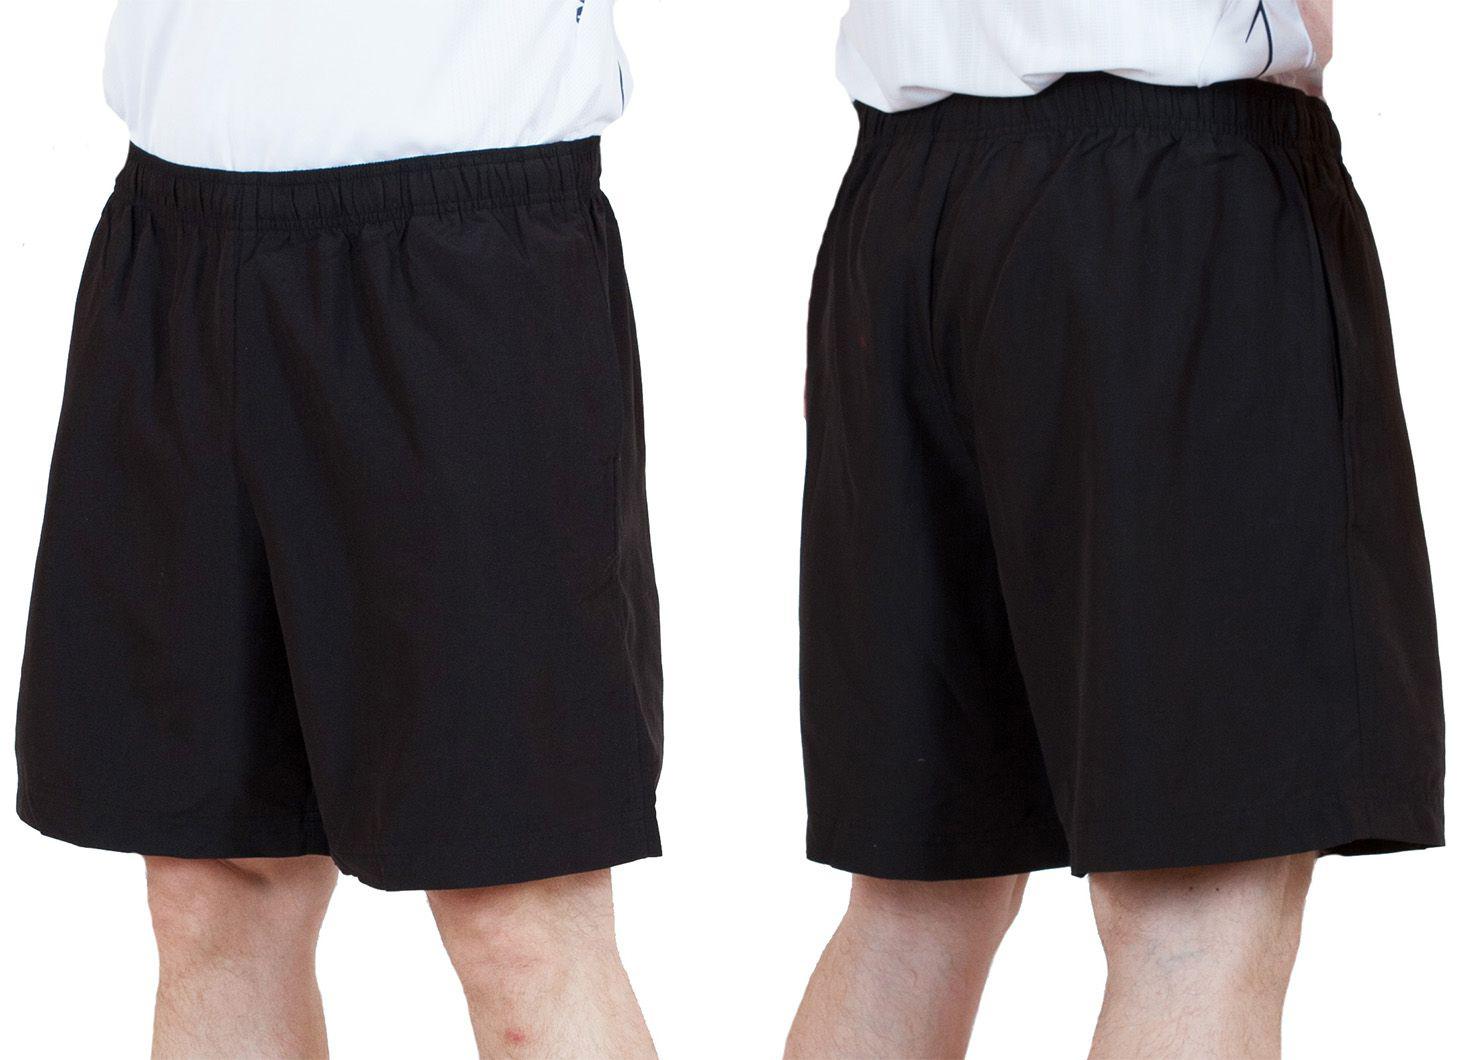 Заказать черные мужские шорты спортивного стиля